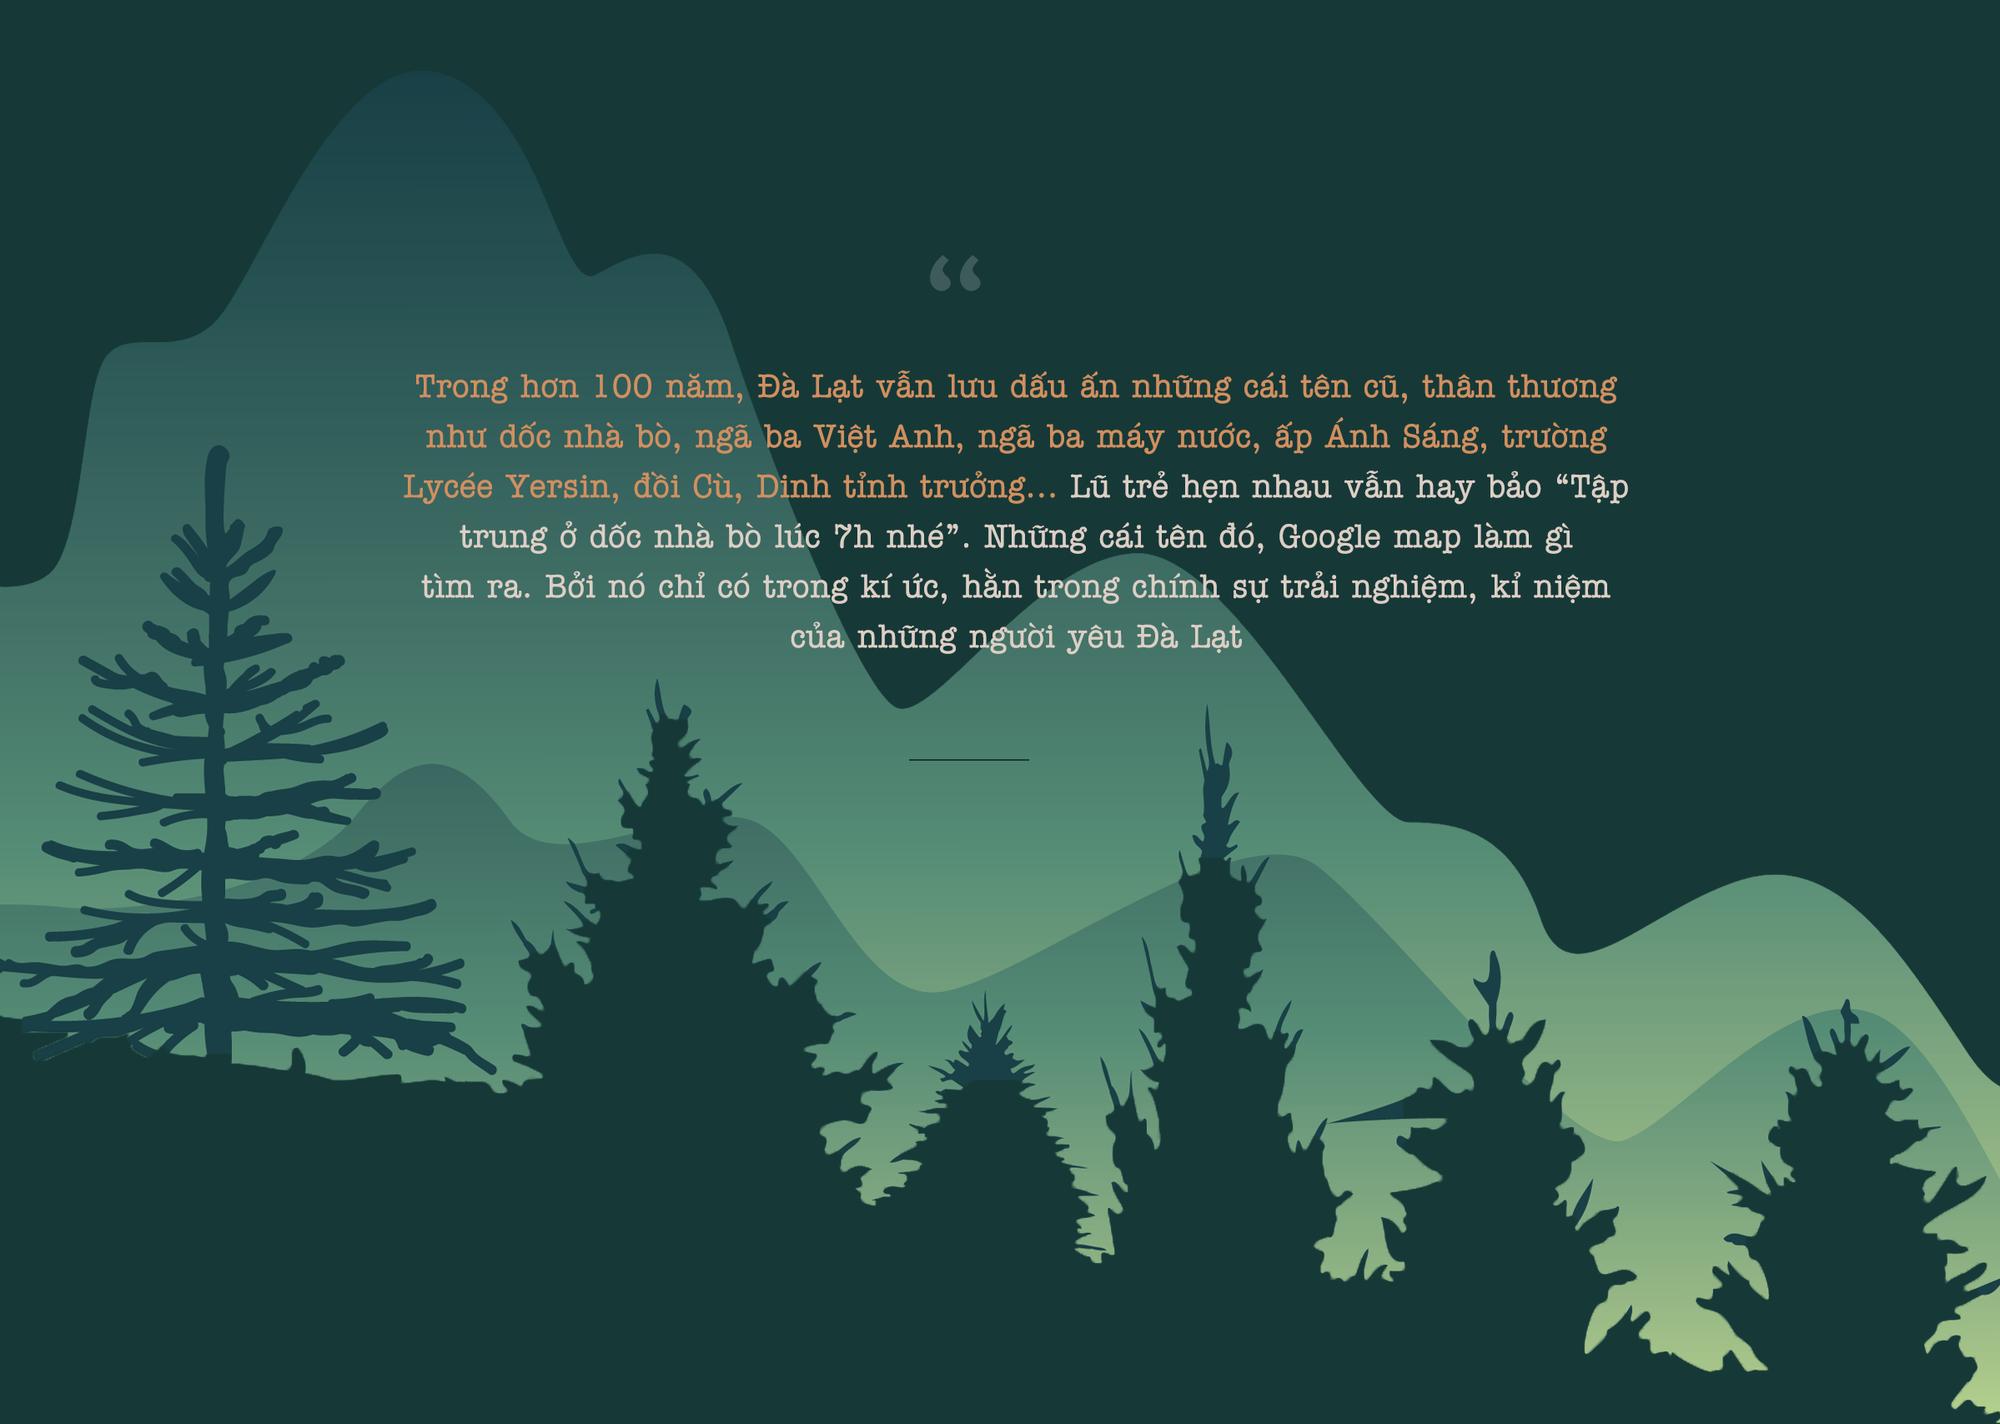 Nỗi buồn gửi riêng Đà Lạt: 'Tiểu Paris' giữa rừng liệu có thành những khối bê tông? - Ảnh 5.